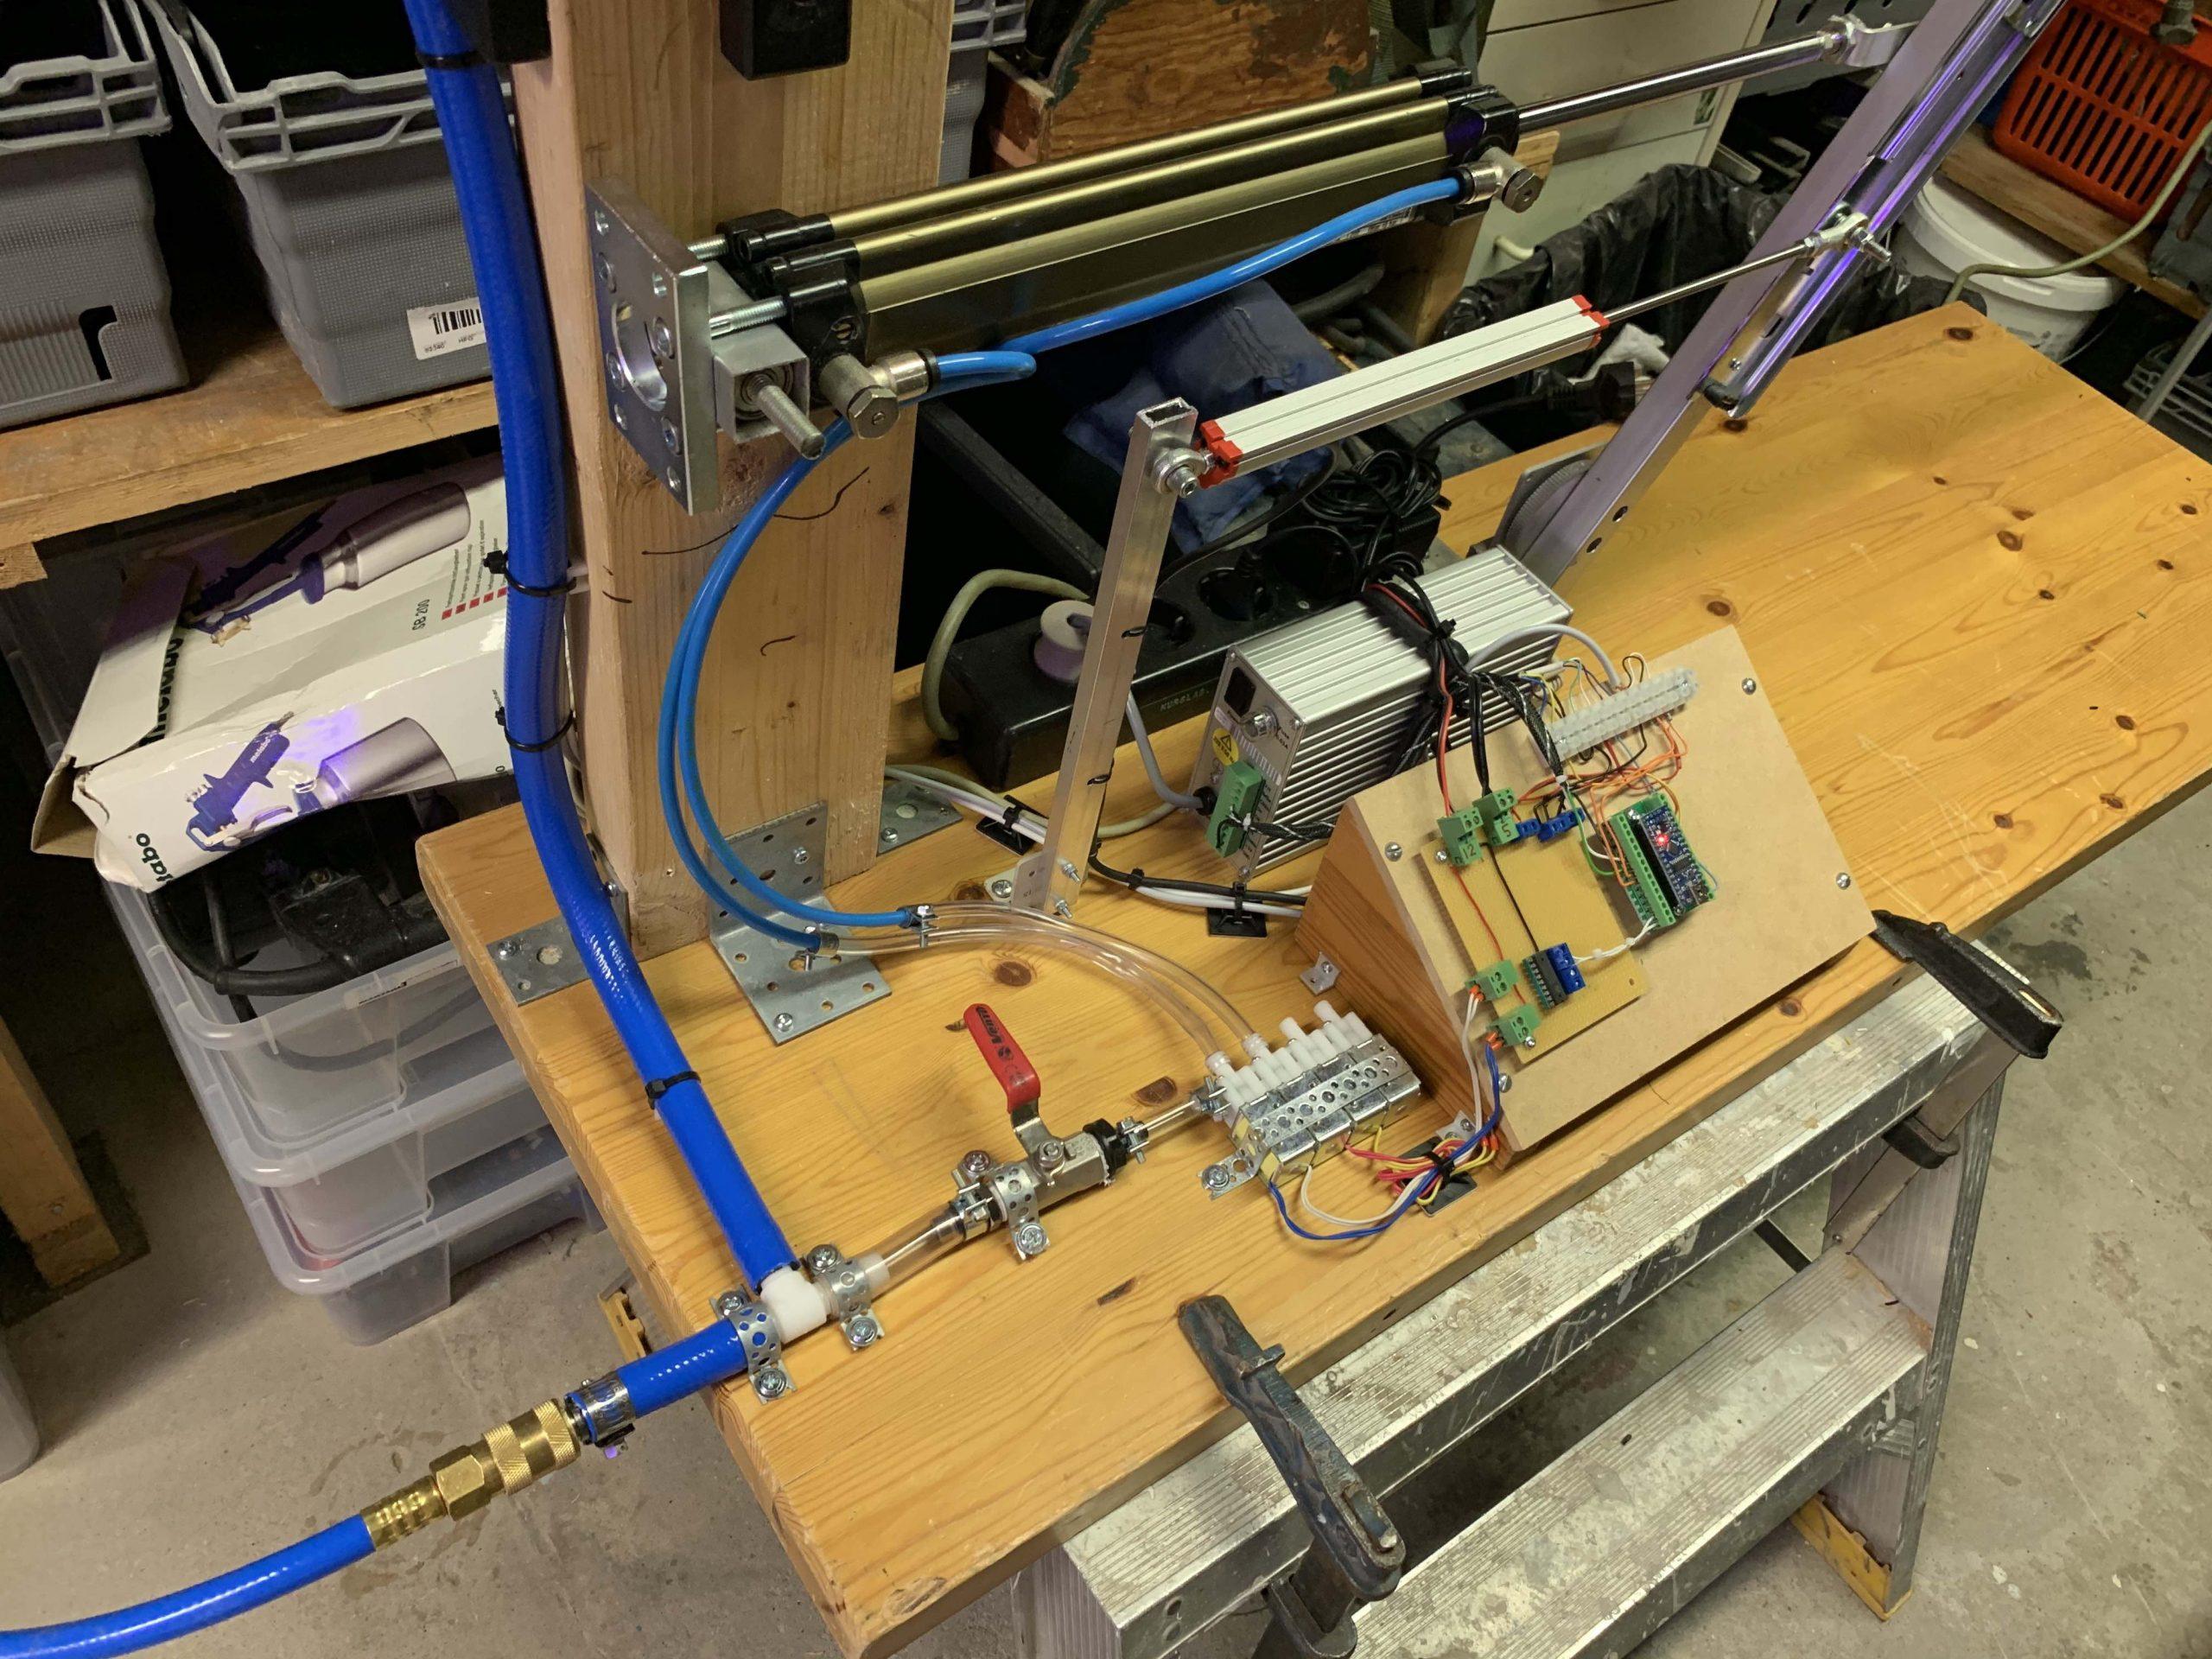 Robotic Trombone: The RoboTrombo Music Machine